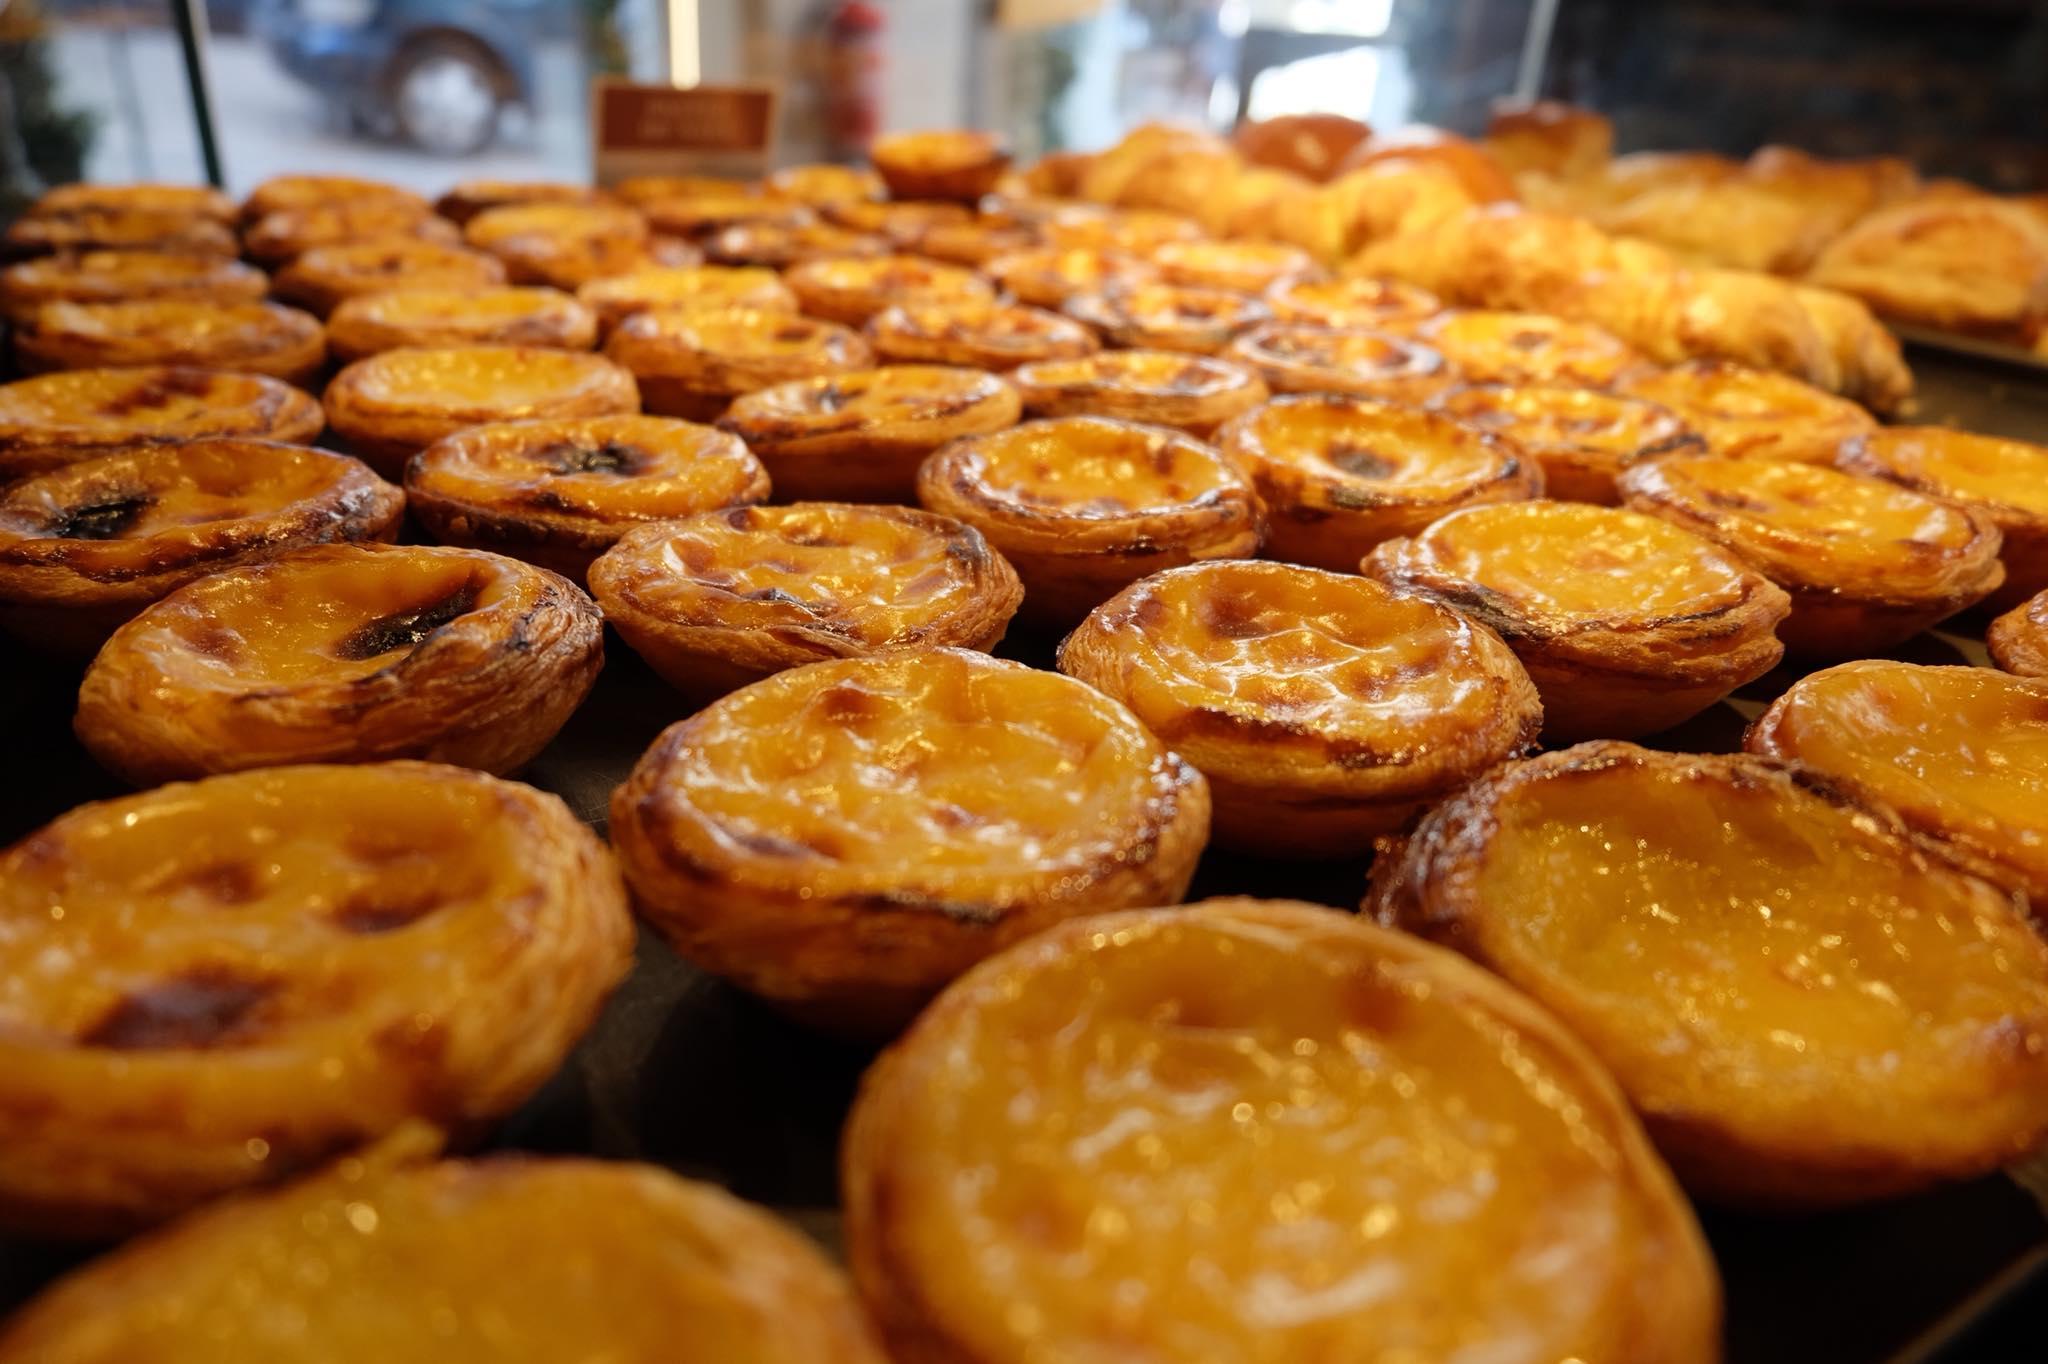 Pastéis de nata de la Pastelaria Alcôa de Lisbonne